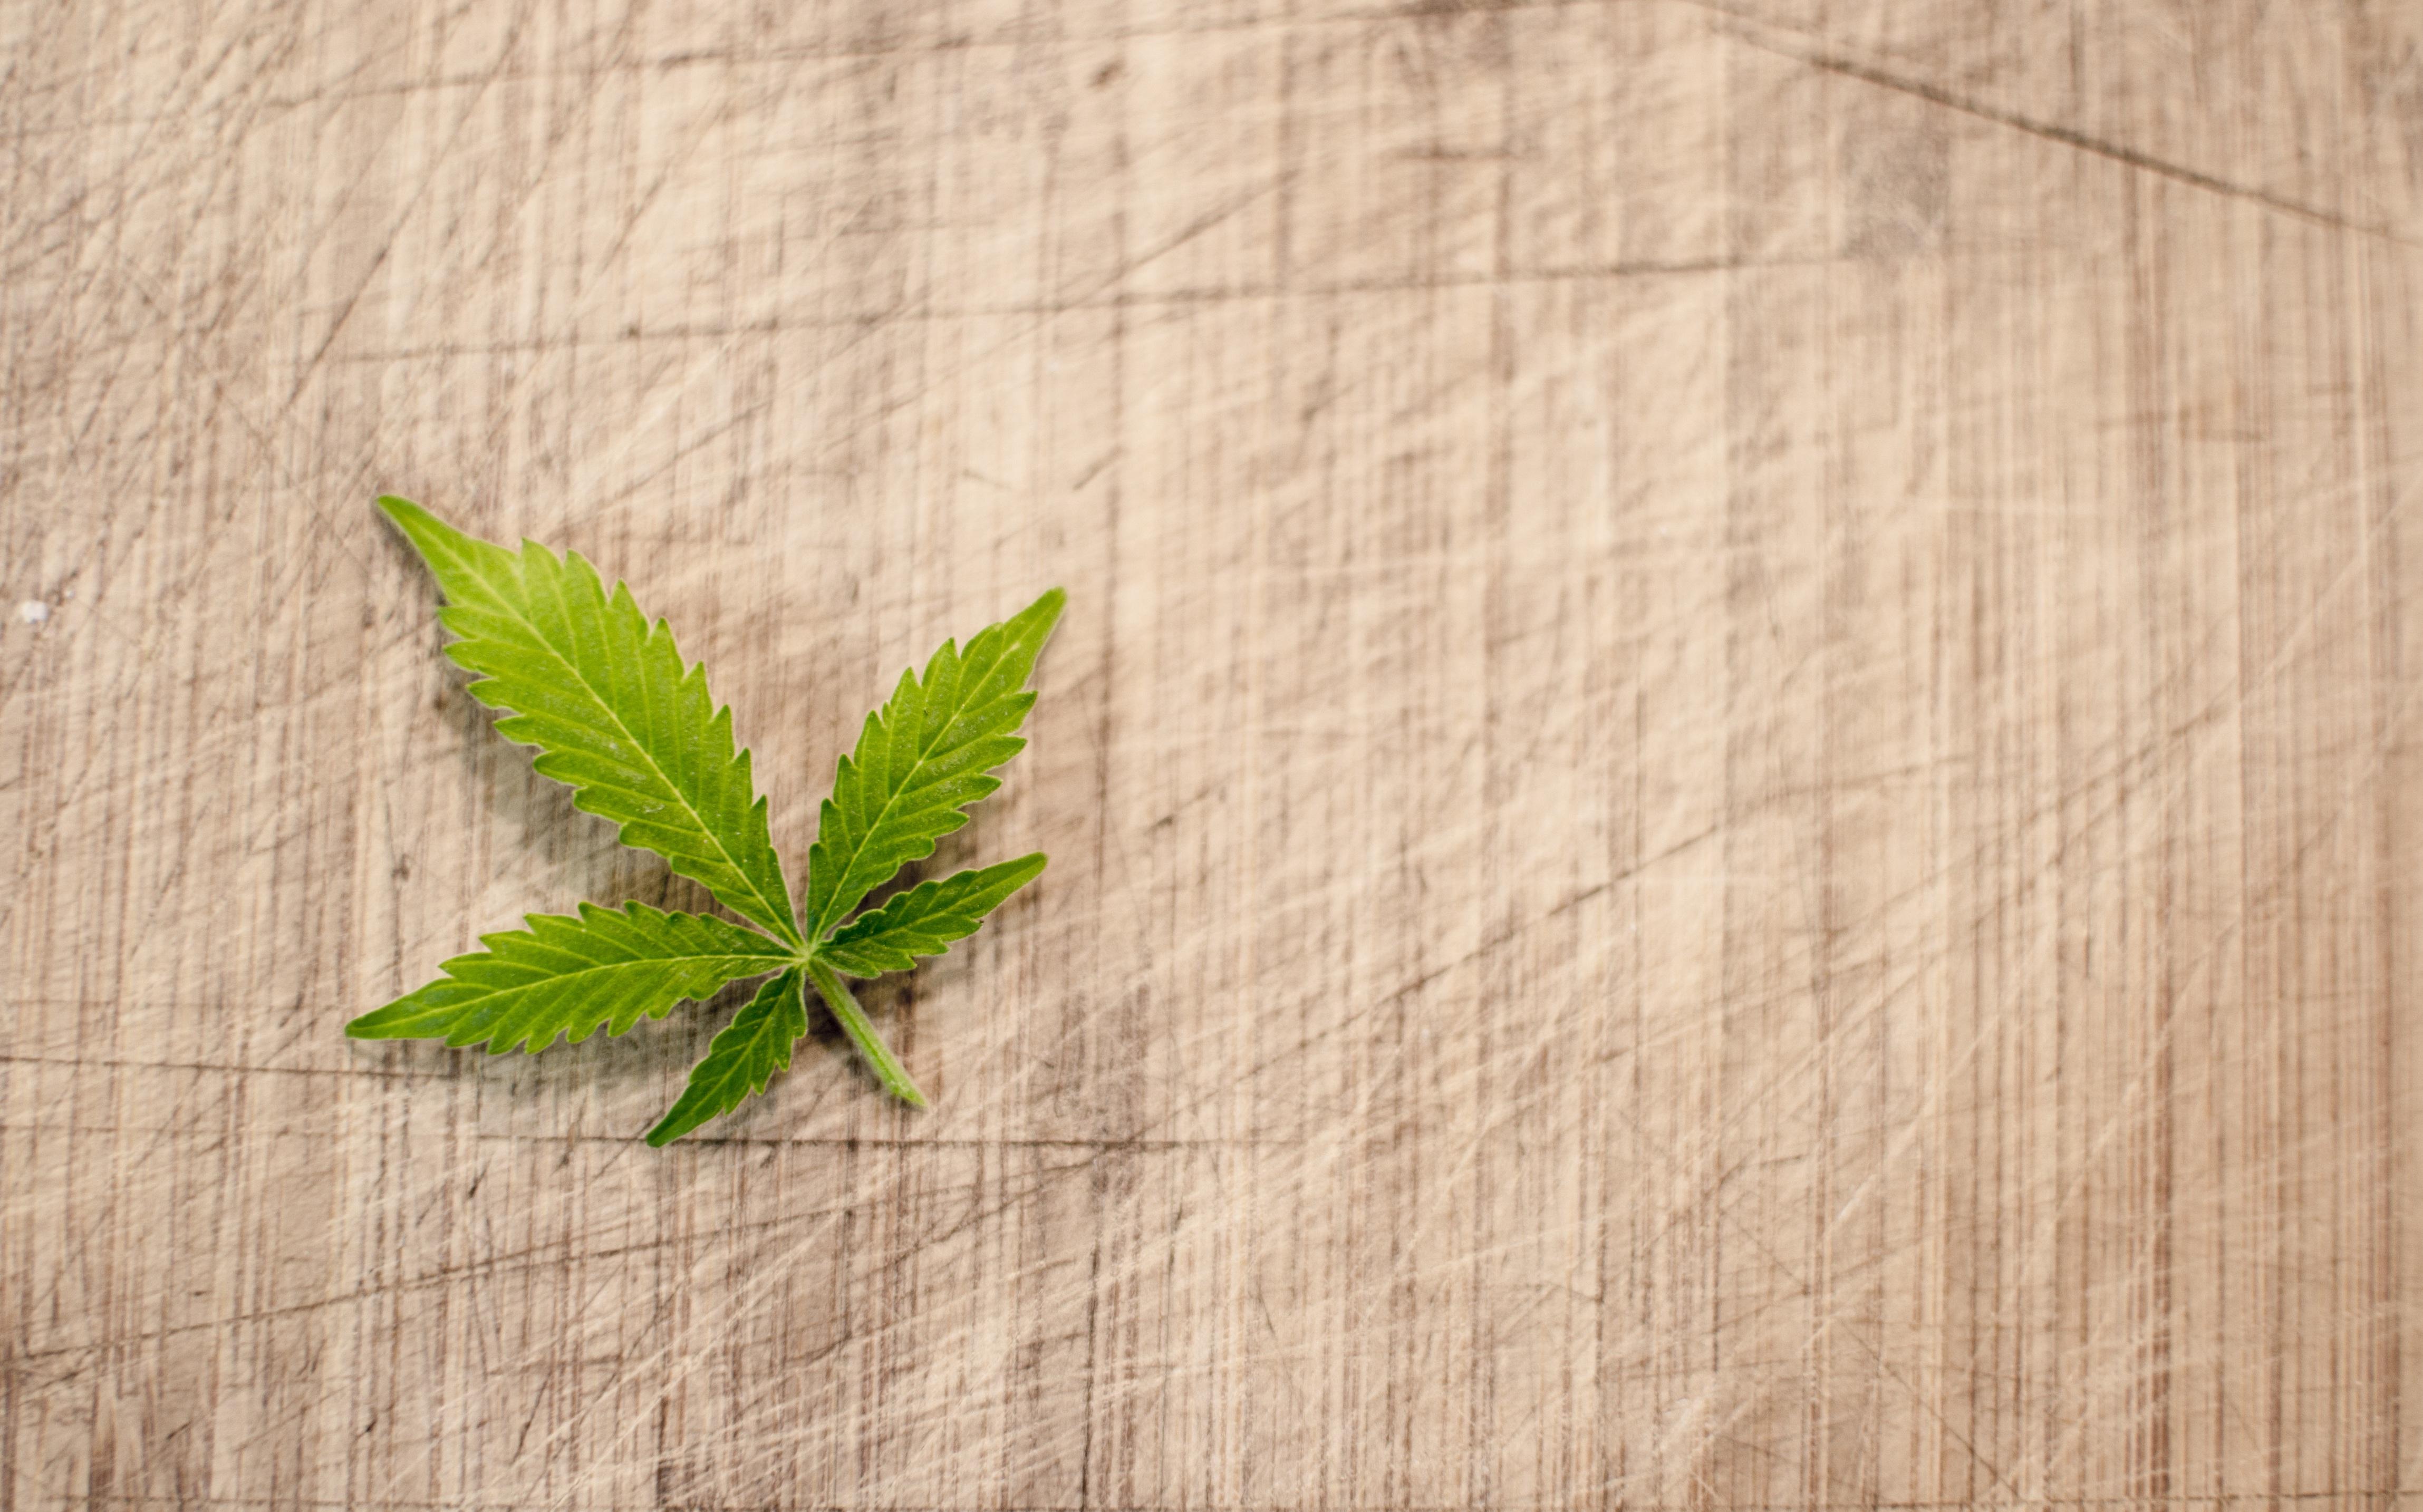 Marijuana leaf on canvas.